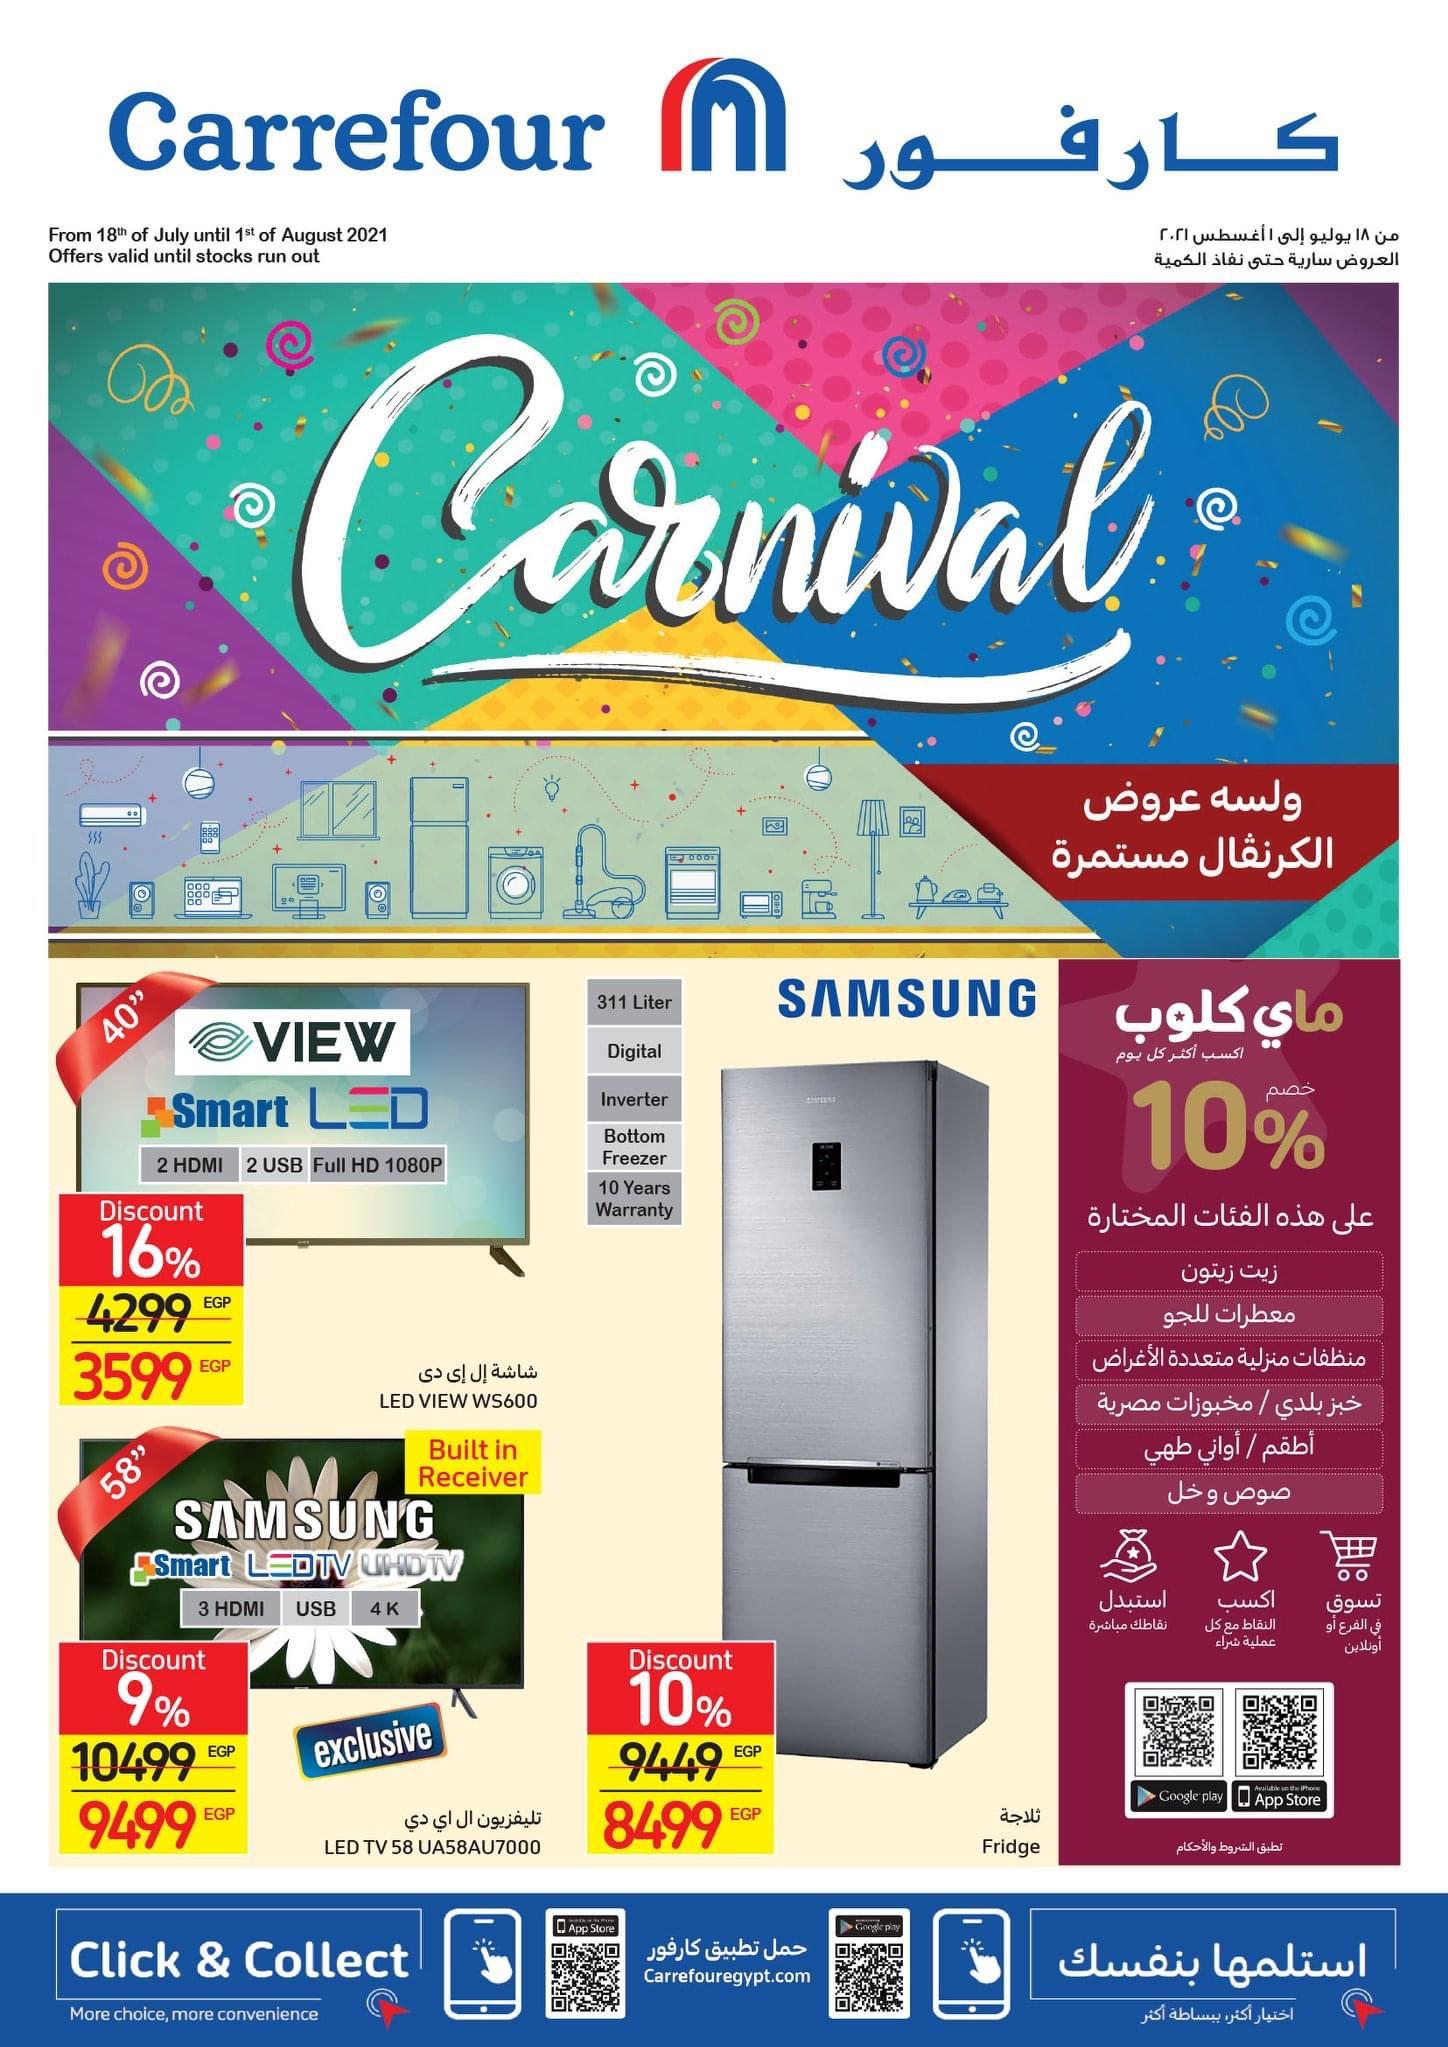 عروض كرنفال عيد الأضحى المبارك ومجلة عروض كارفور مصر حتى 1 أغسطس 2021 12